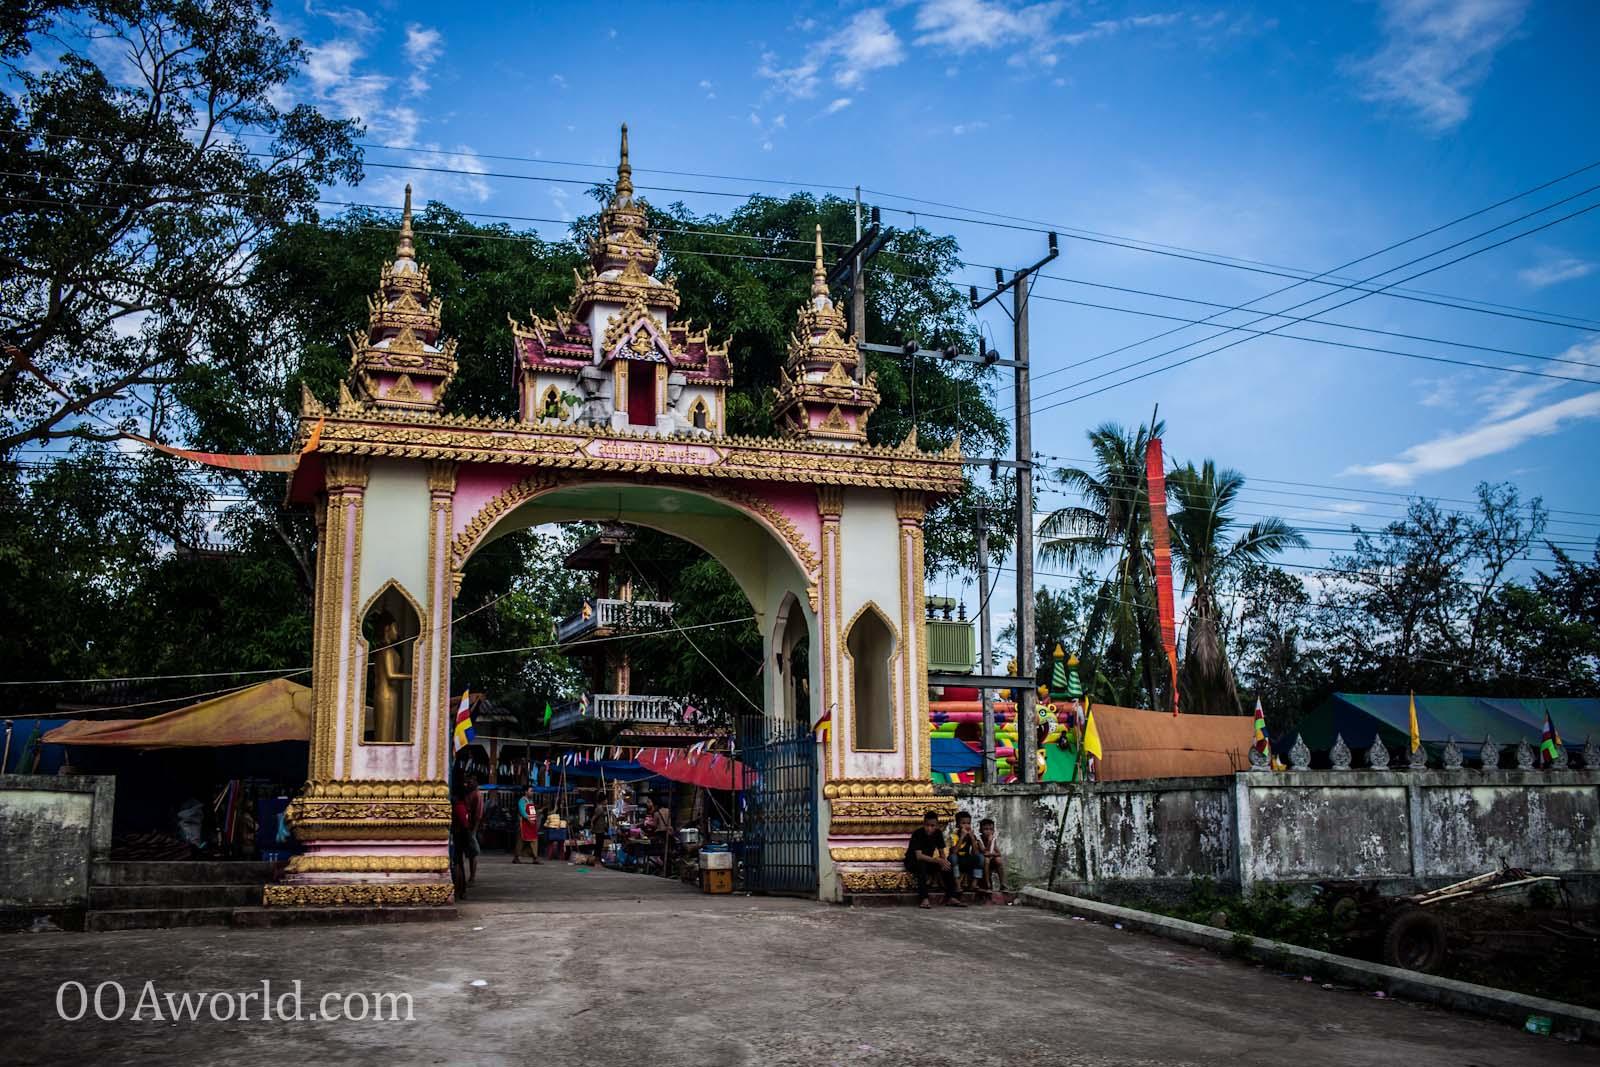 Laos Buddhist Gate Photo Ooaworld